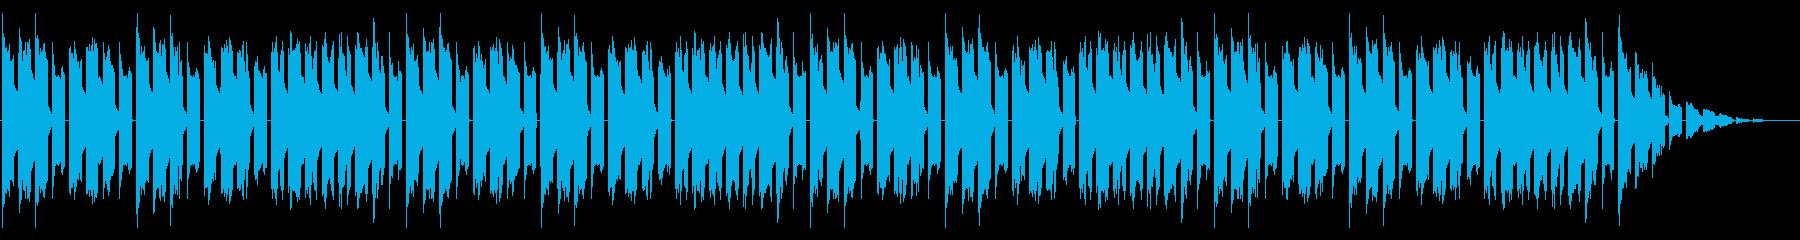 GB風RPGのフィールド曲の再生済みの波形